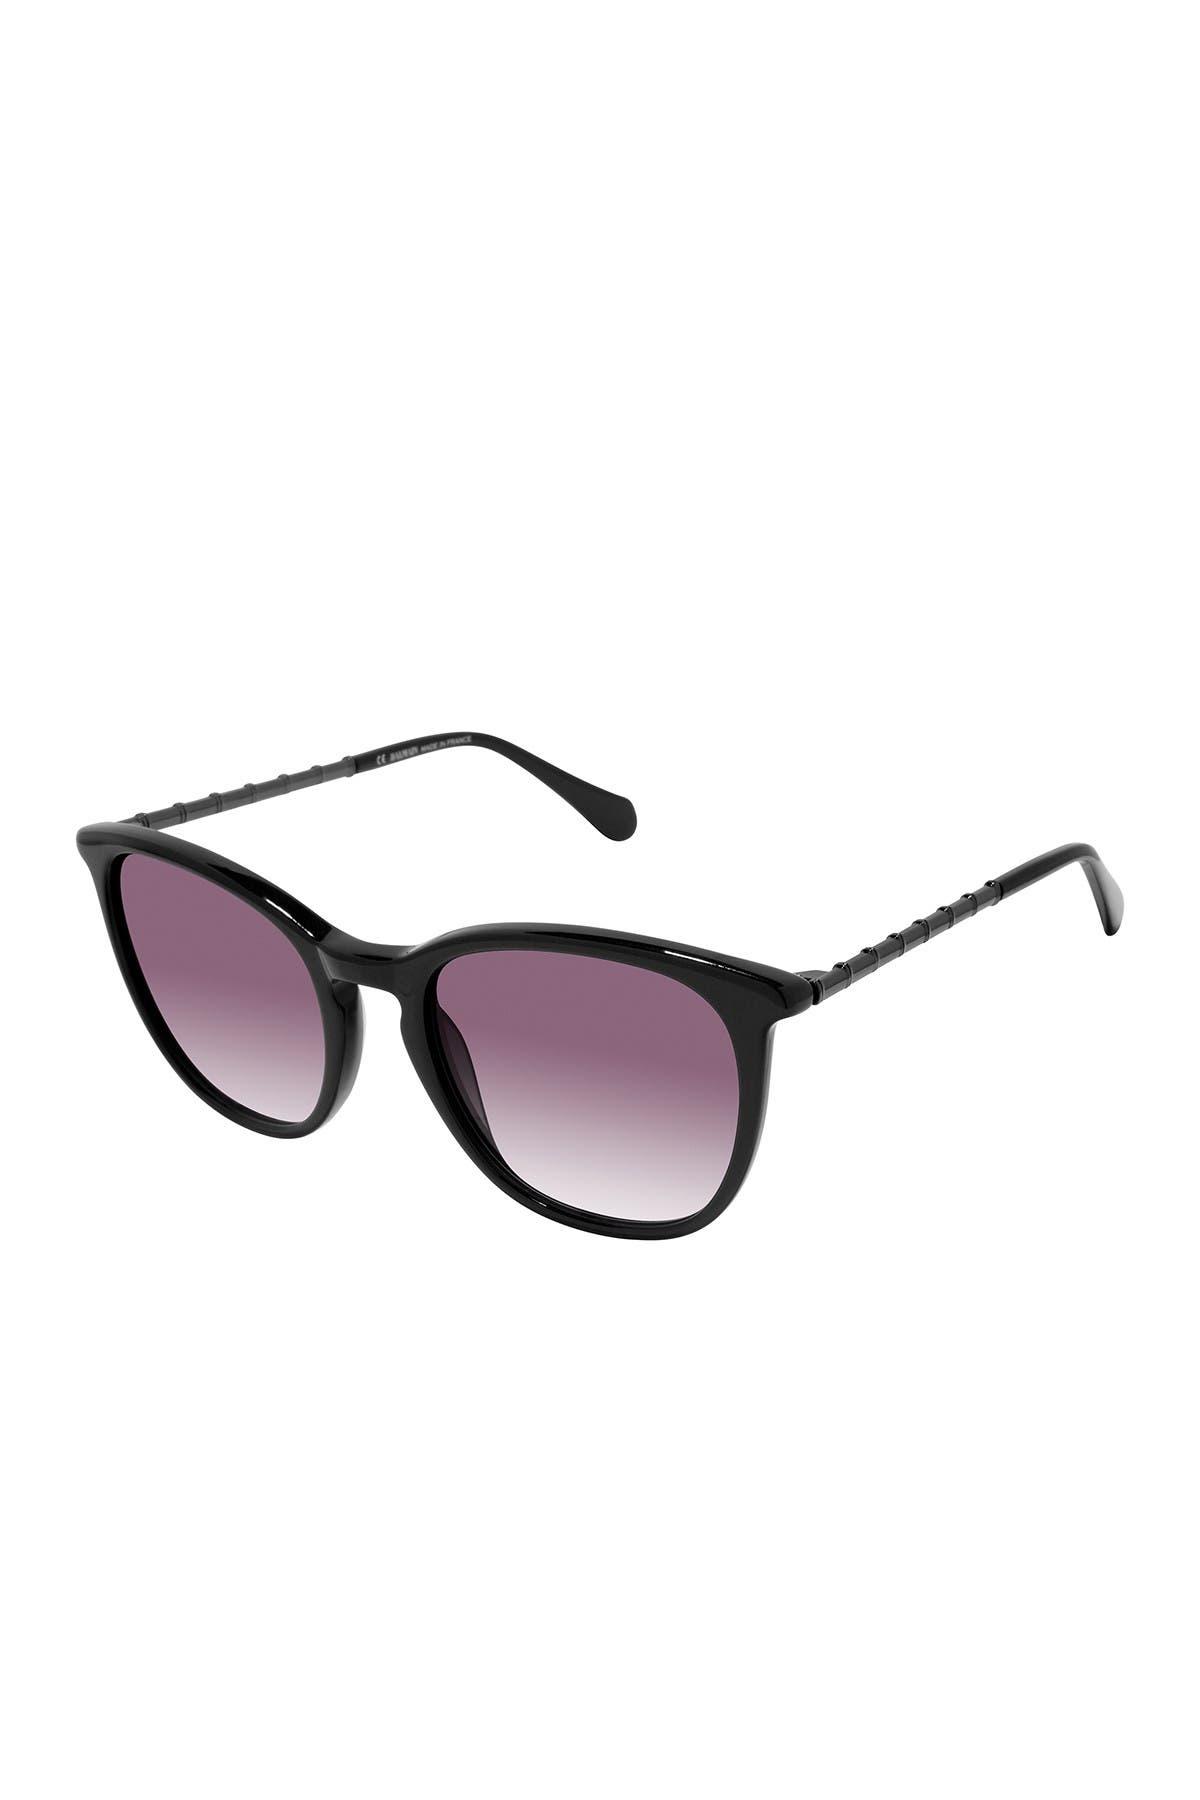 Image of Balmain 51mm Round Sunglasses